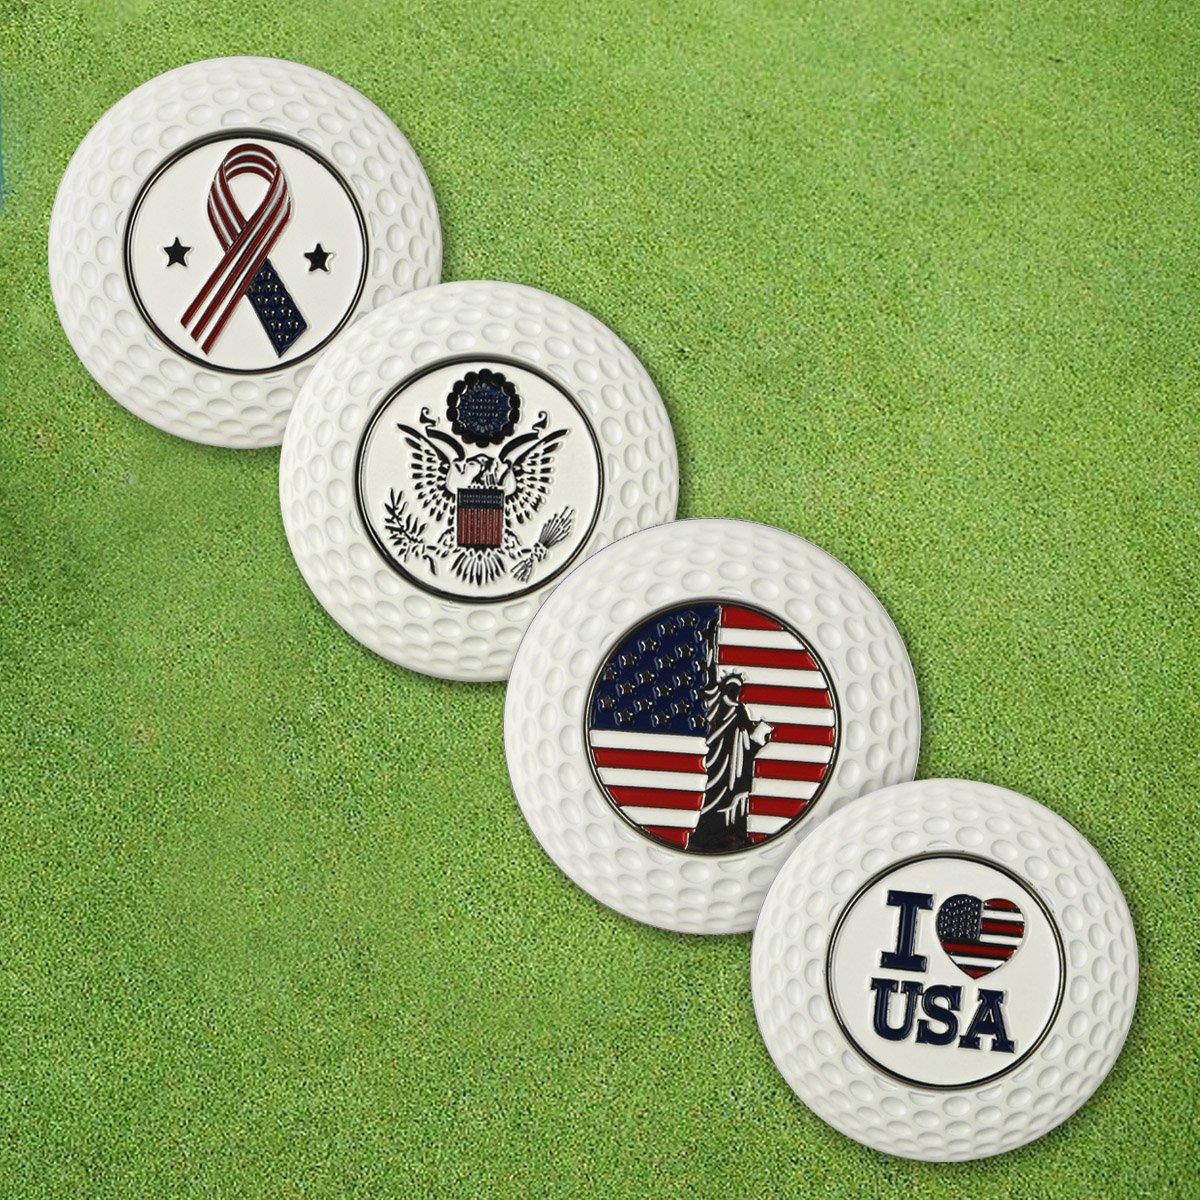 メタルホワイト磁気ゴルフポーカーチップボールマーカー、4カウント   B019DM1270